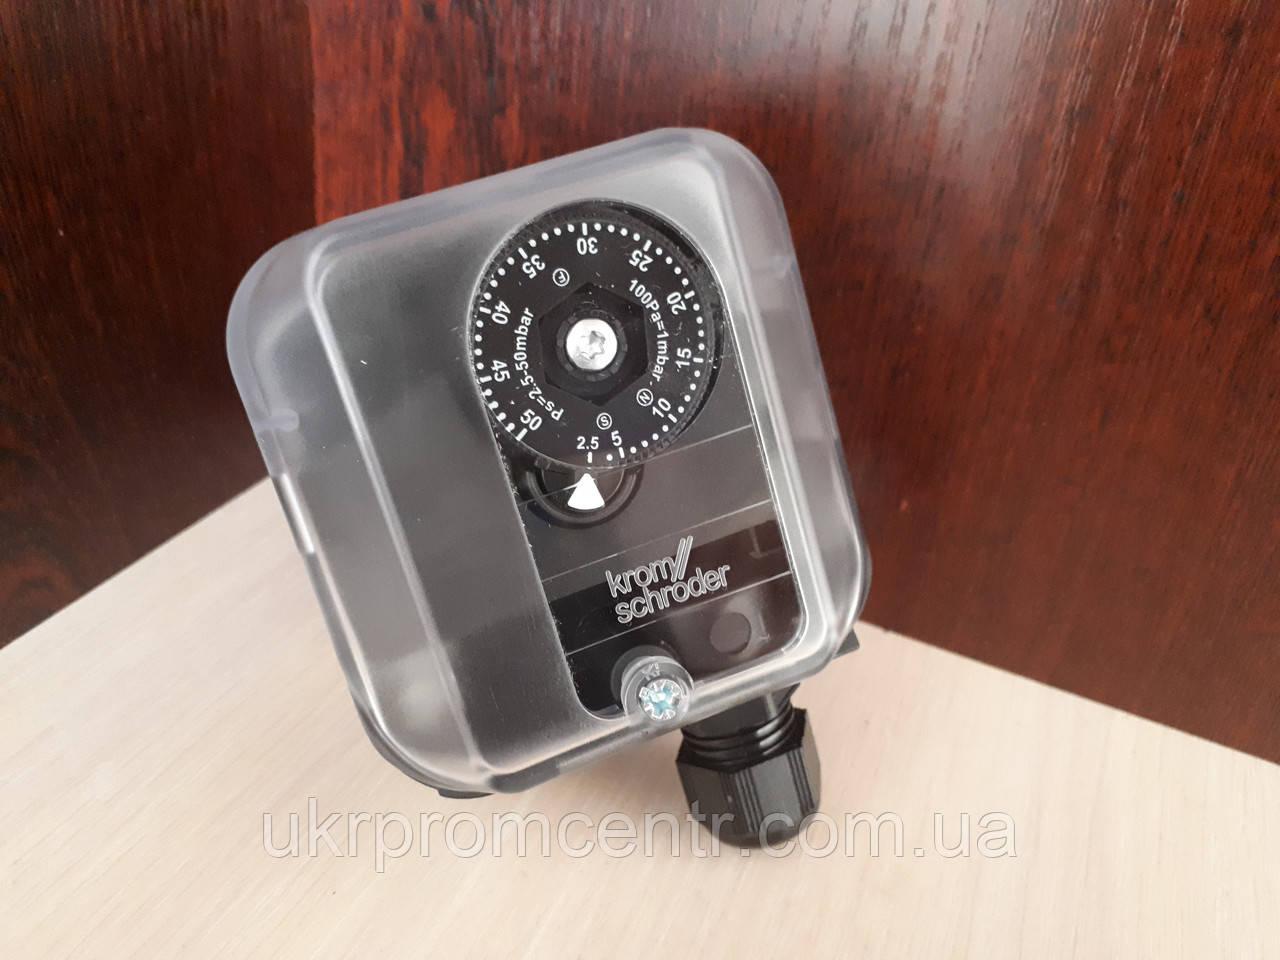 Датчик-реле давления для газа DG